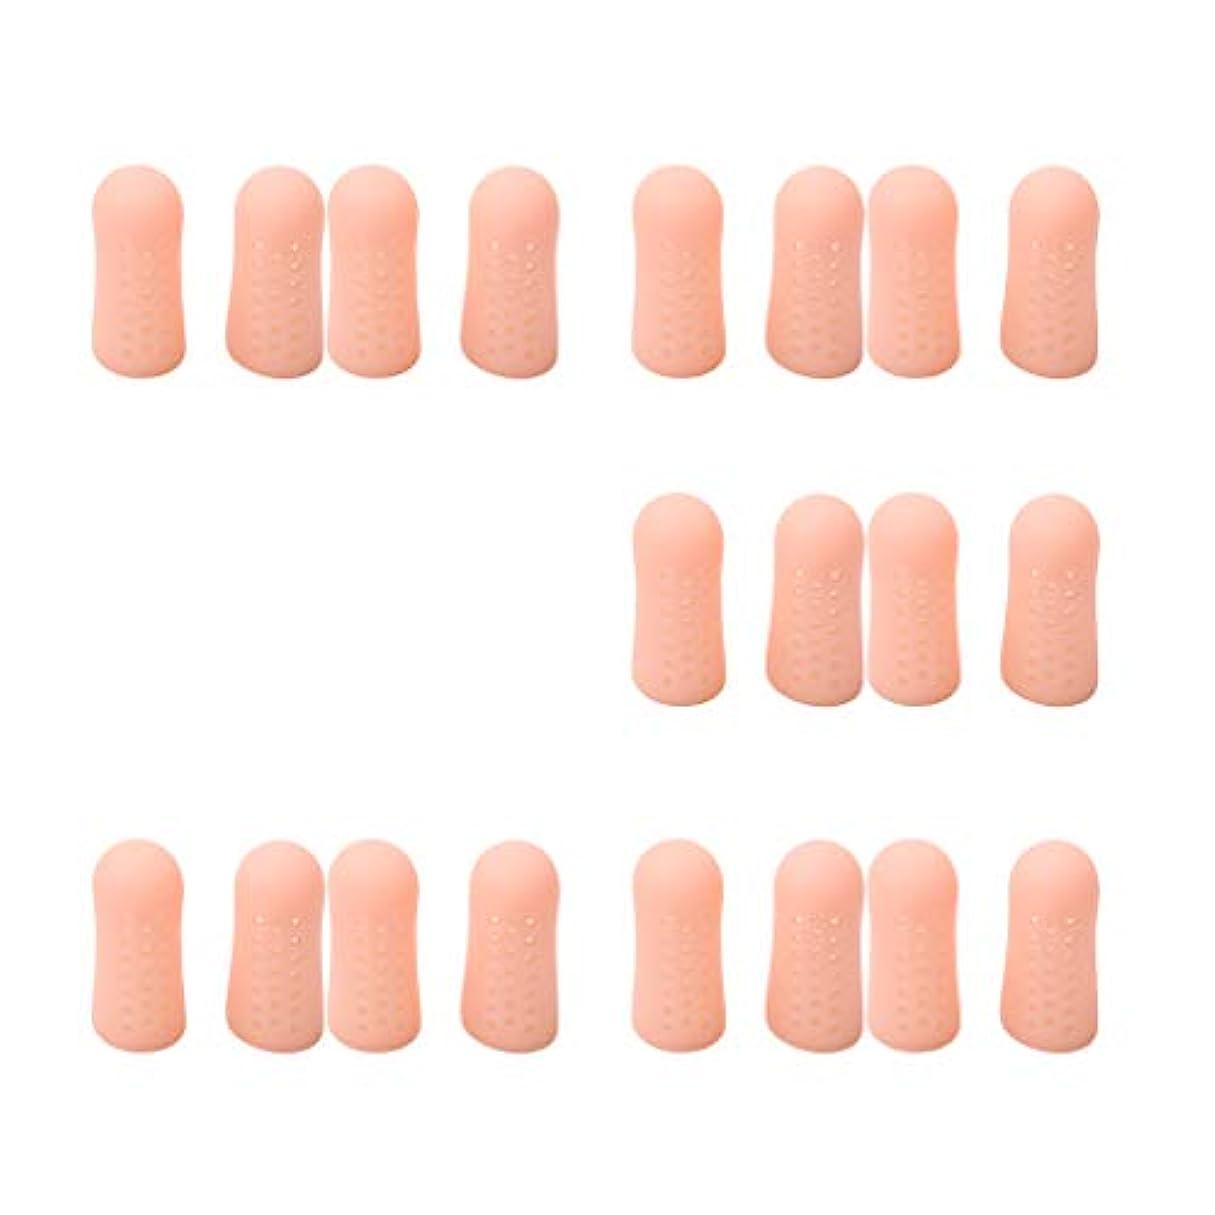 債務者も抽出dailymall 20個の指のつま先チューブスリーブプロテクターキャップセパレーターの痛みを軽減